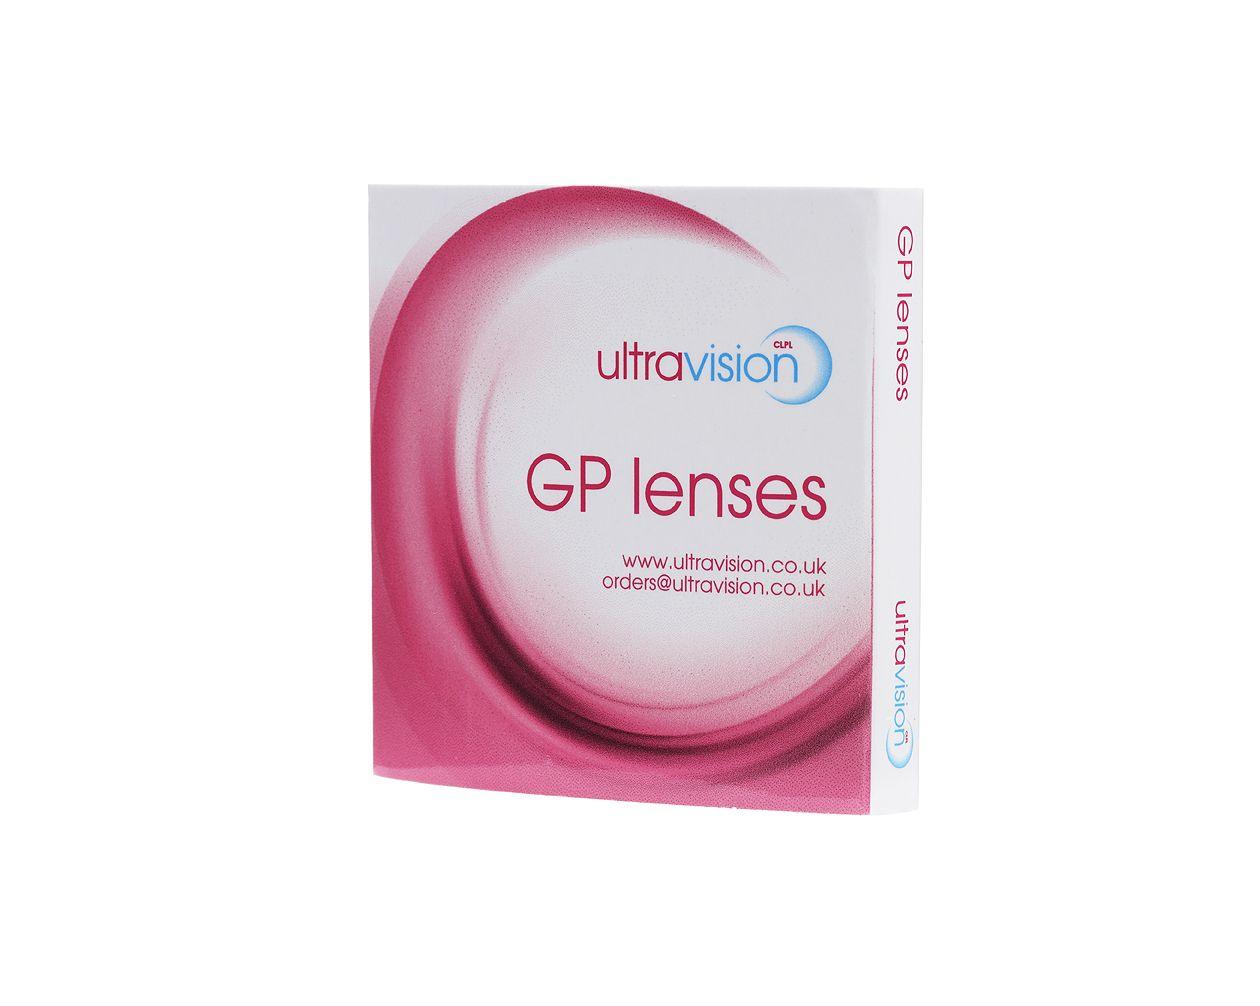 GP lenses